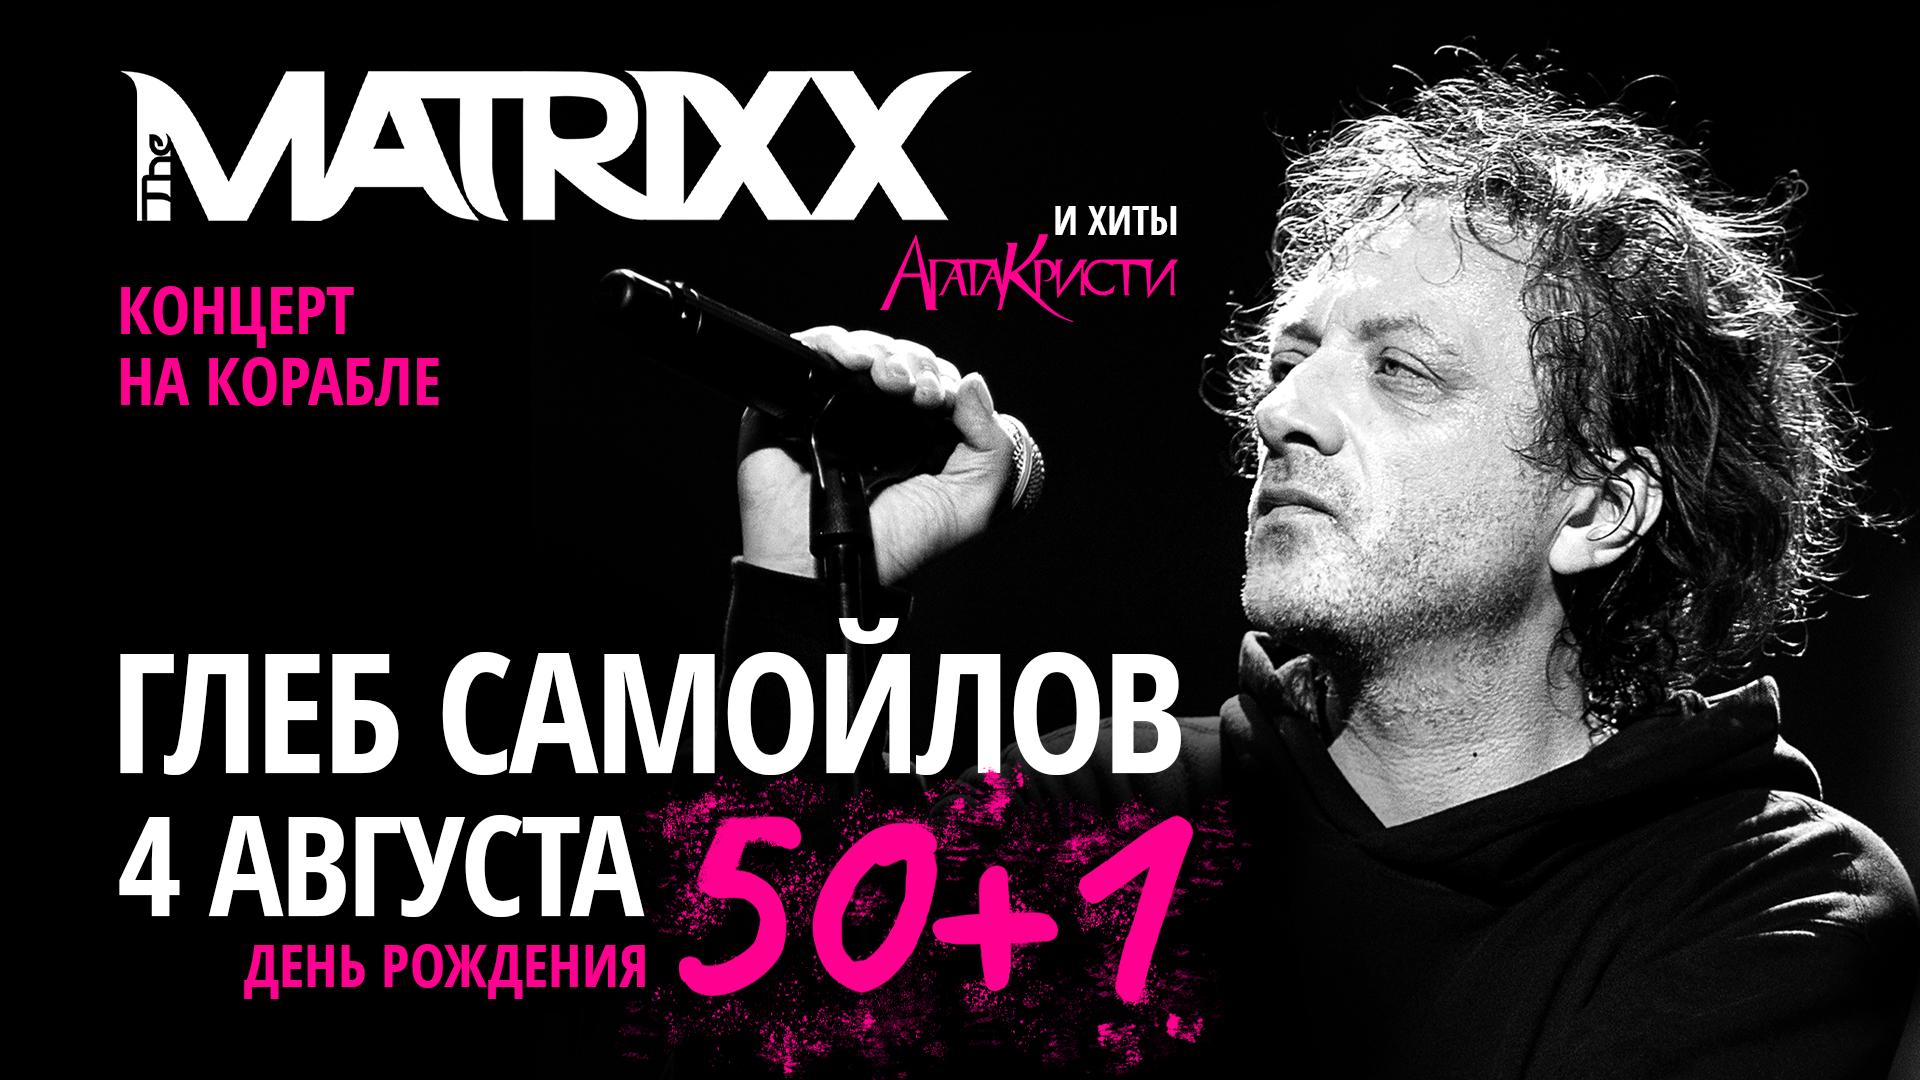 Москва - День рождения Глеба Самойлова @ Концерт на корабле | Москва | Россия